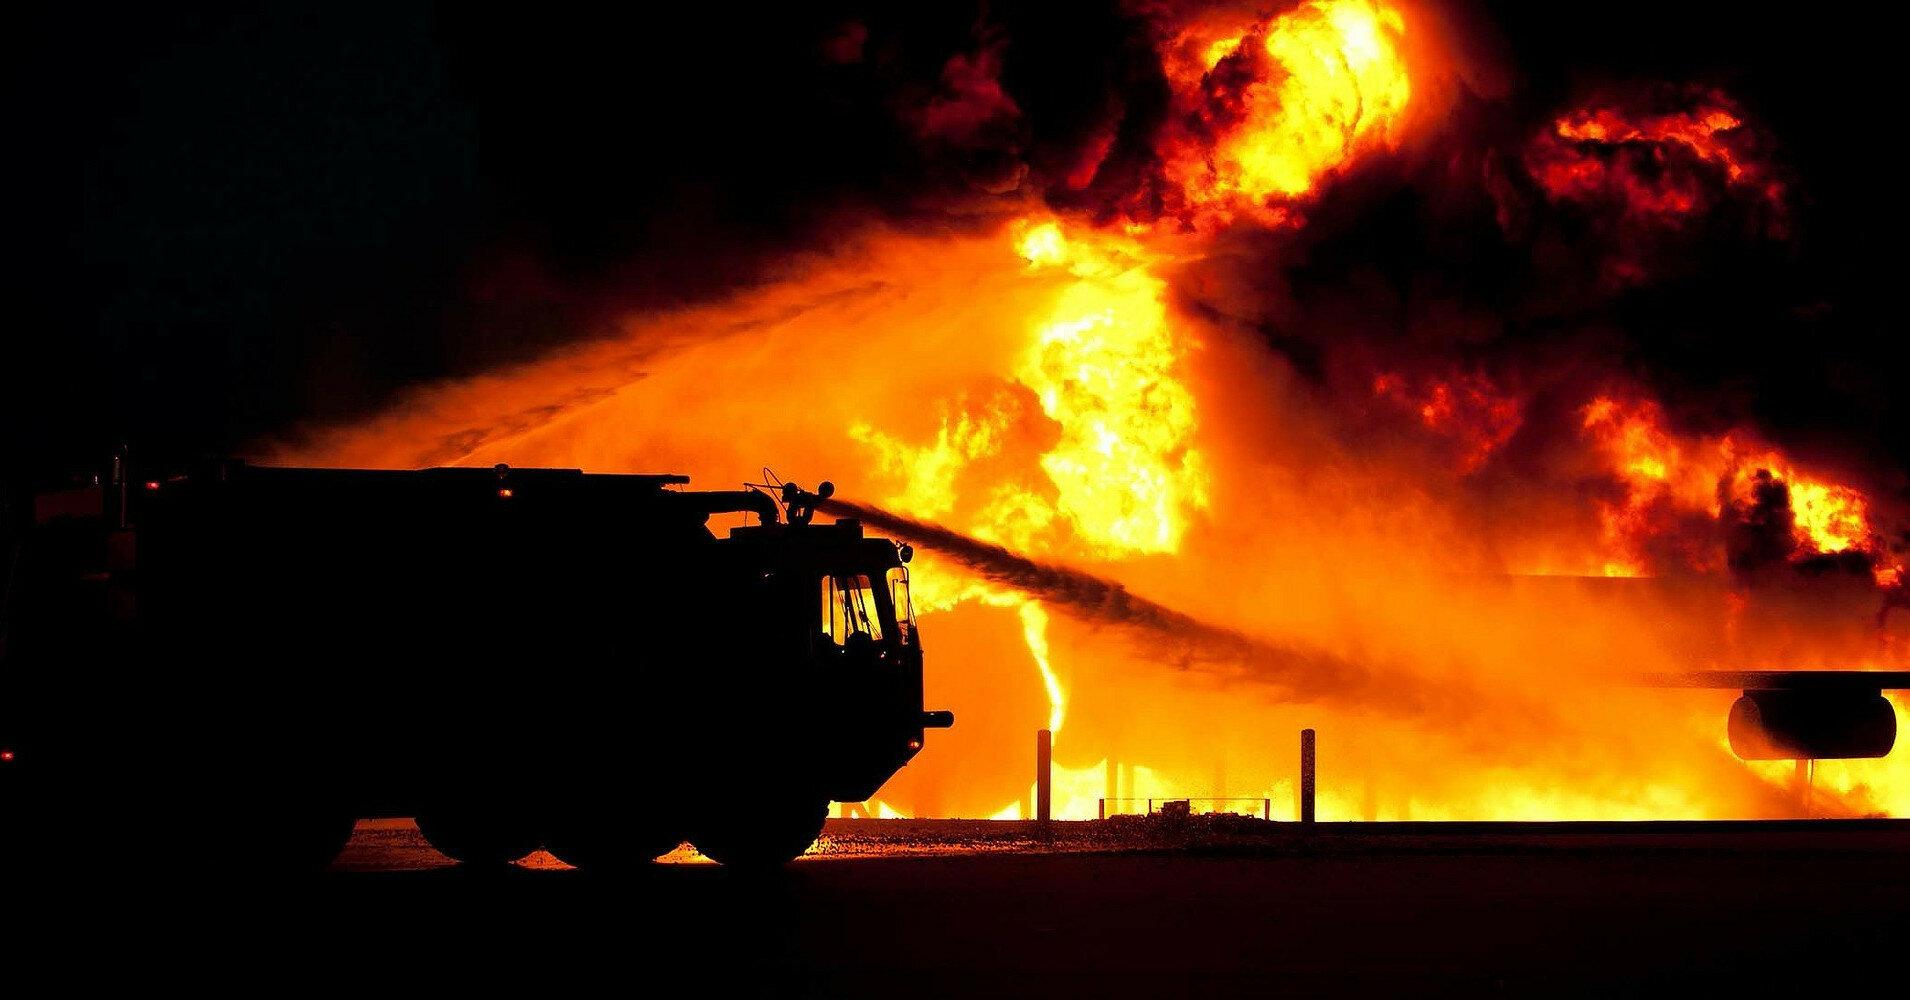 В Иерусалиме бушуют пожары, железнодорожное сообщение остановлено